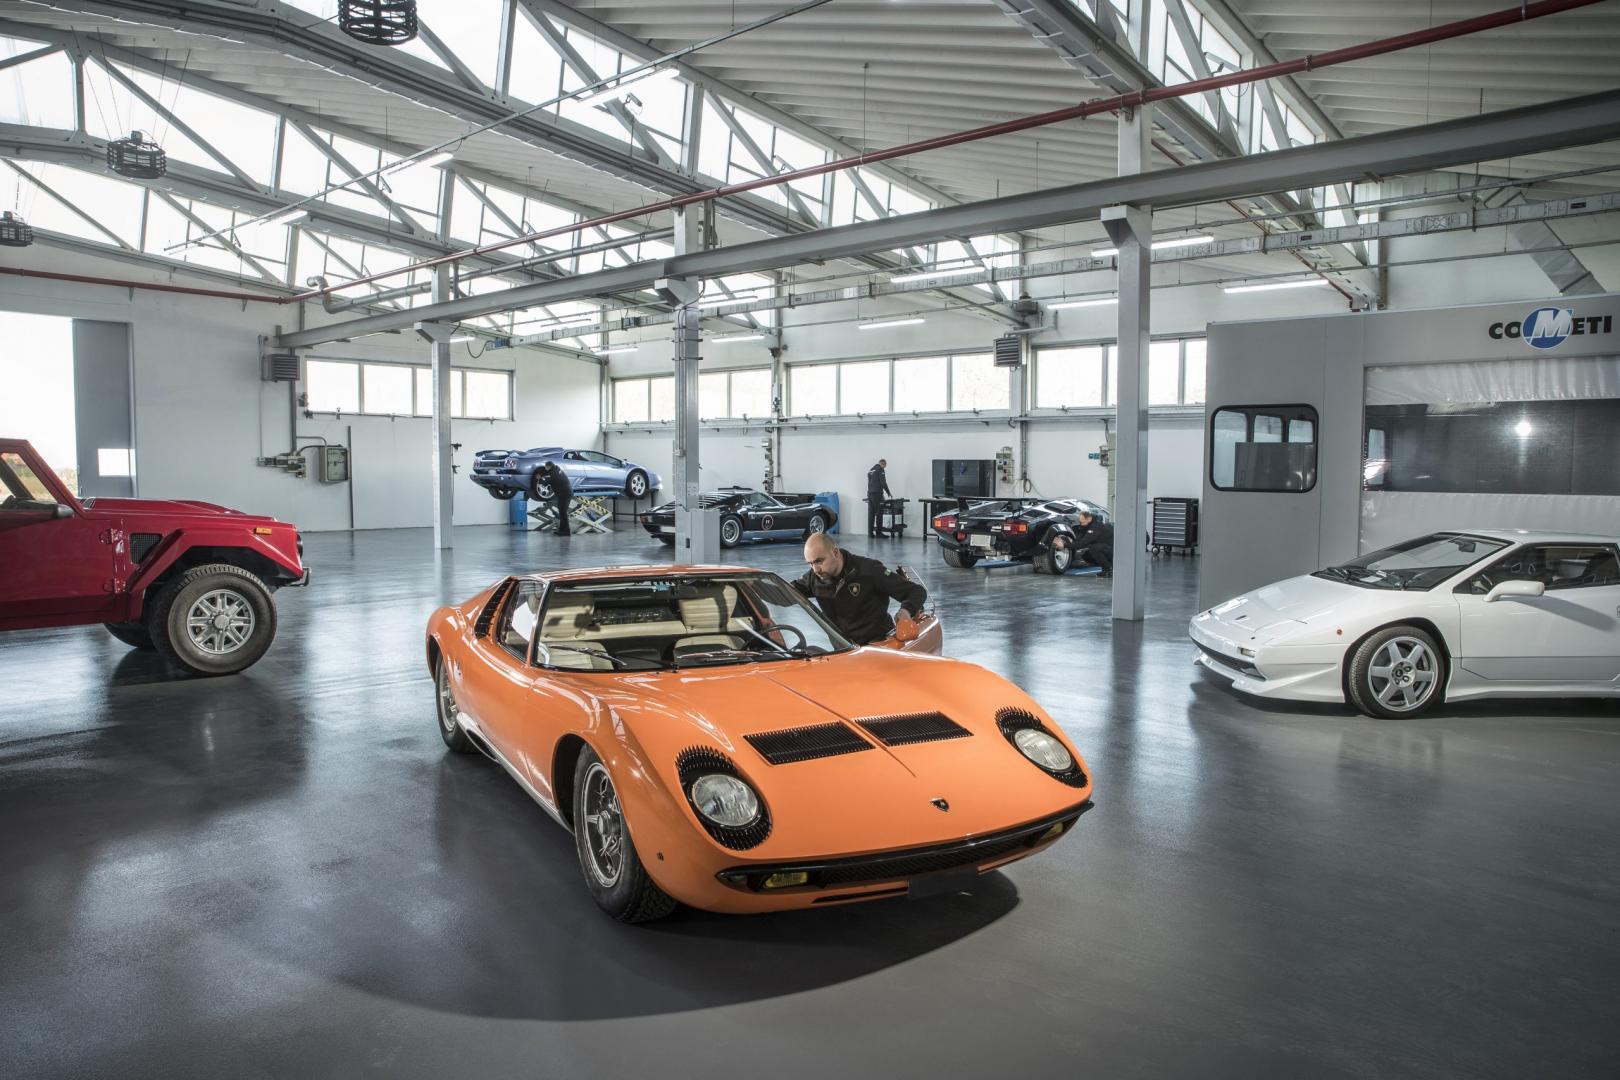 Polo Storico Lamborghini Miura